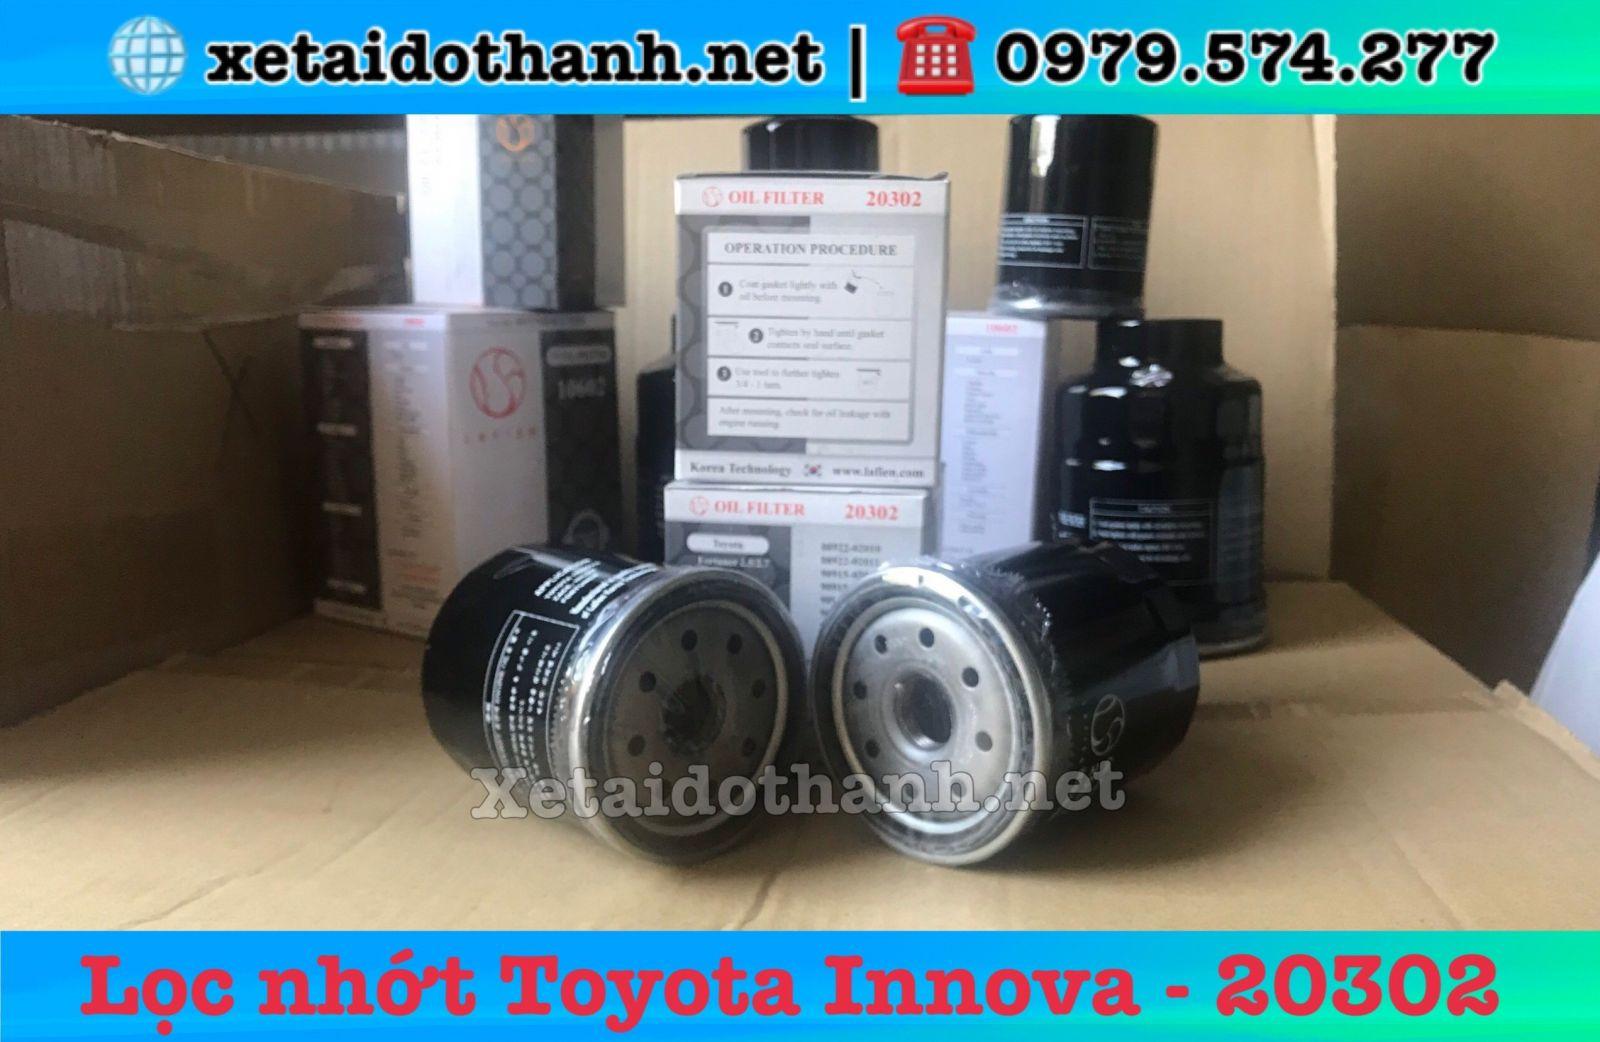 Lọc nhớt xe Toyota Innova - 20302